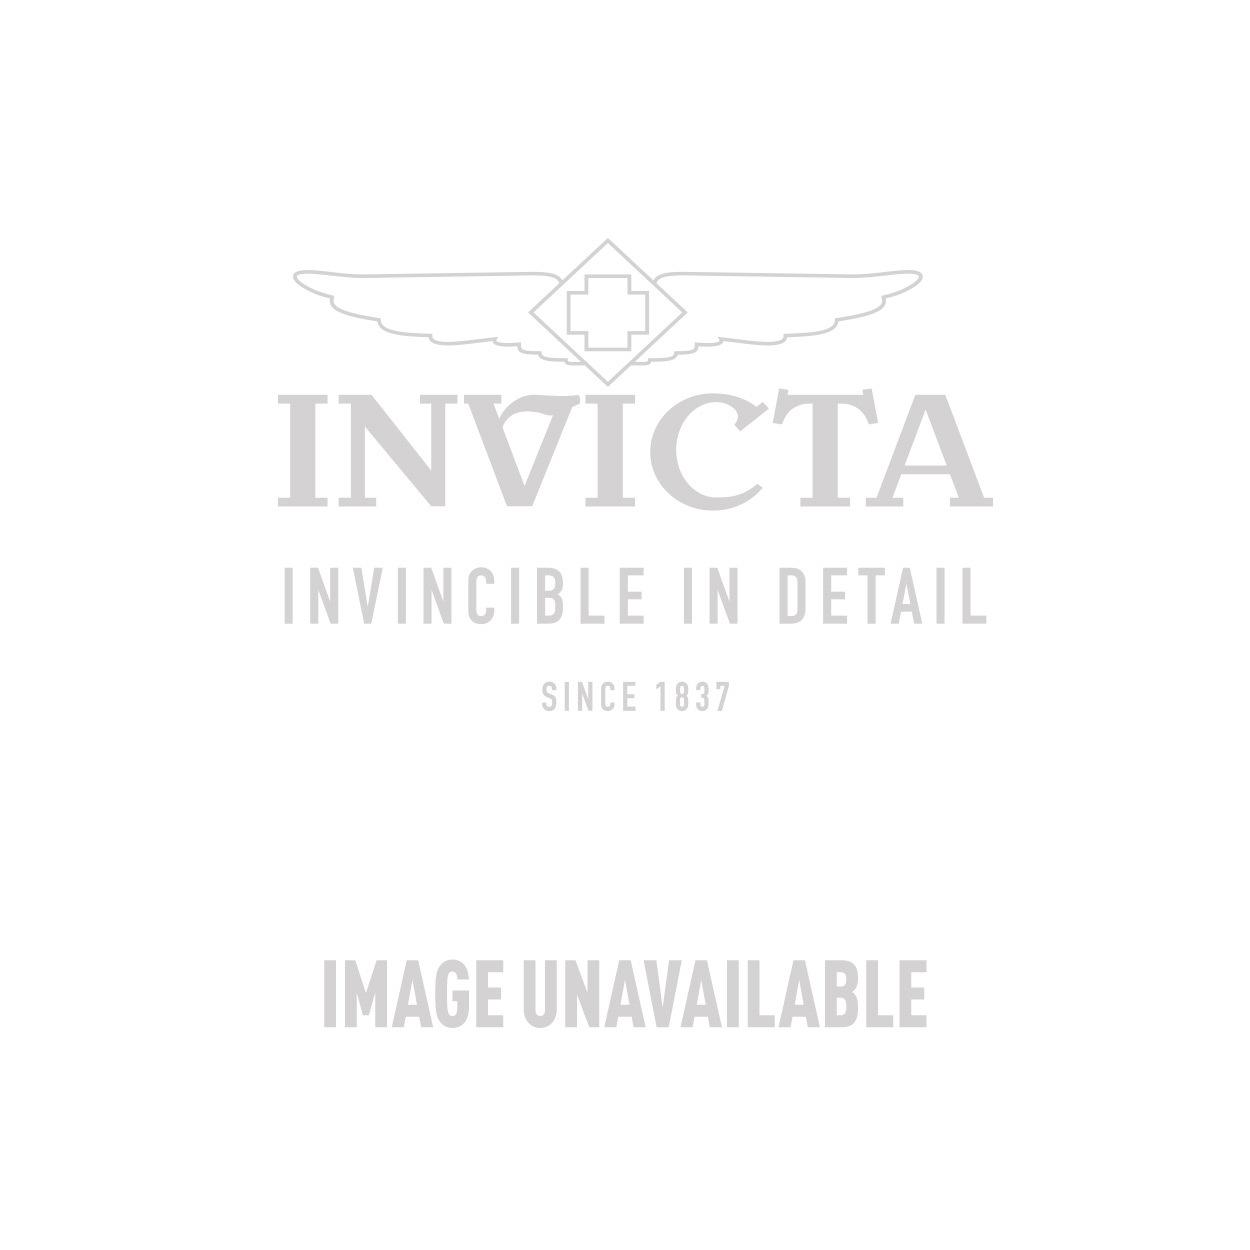 Invicta Model 24514